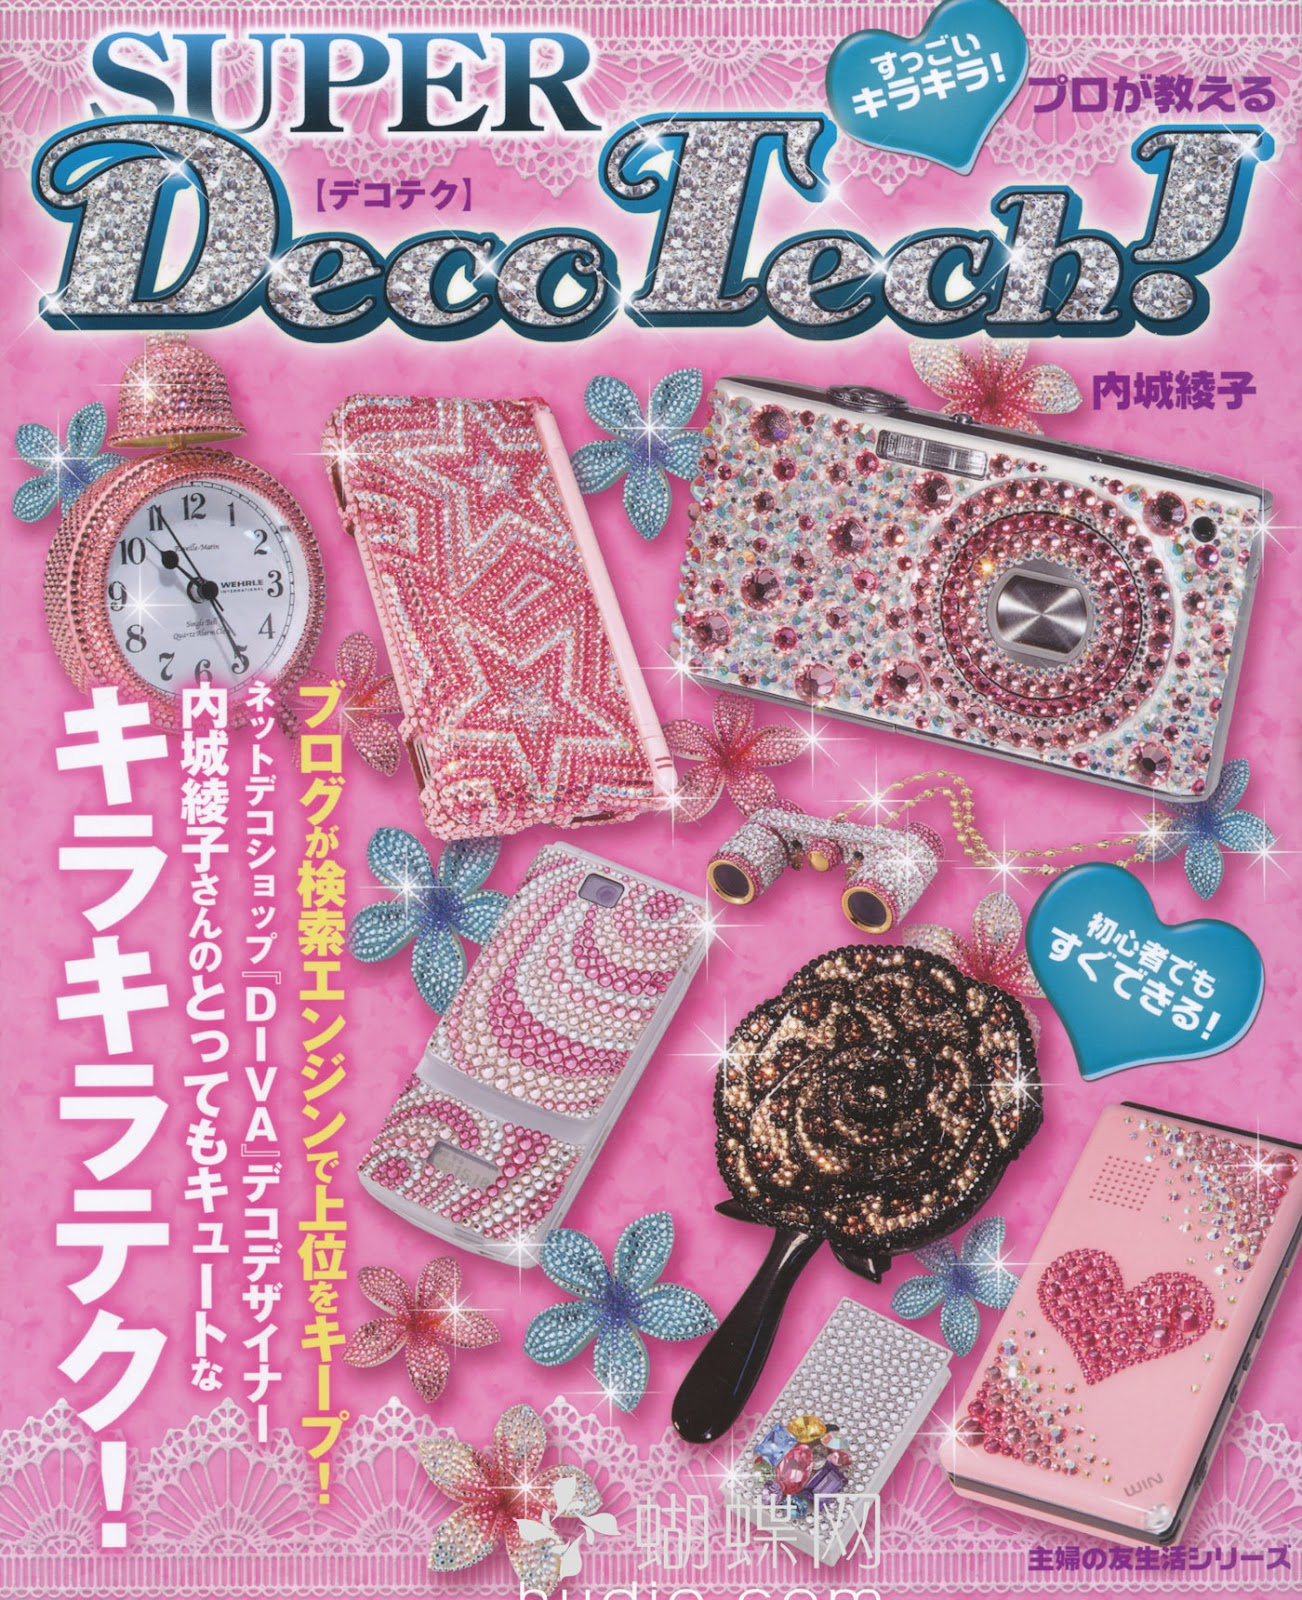 super deco tech japanese magazine scans